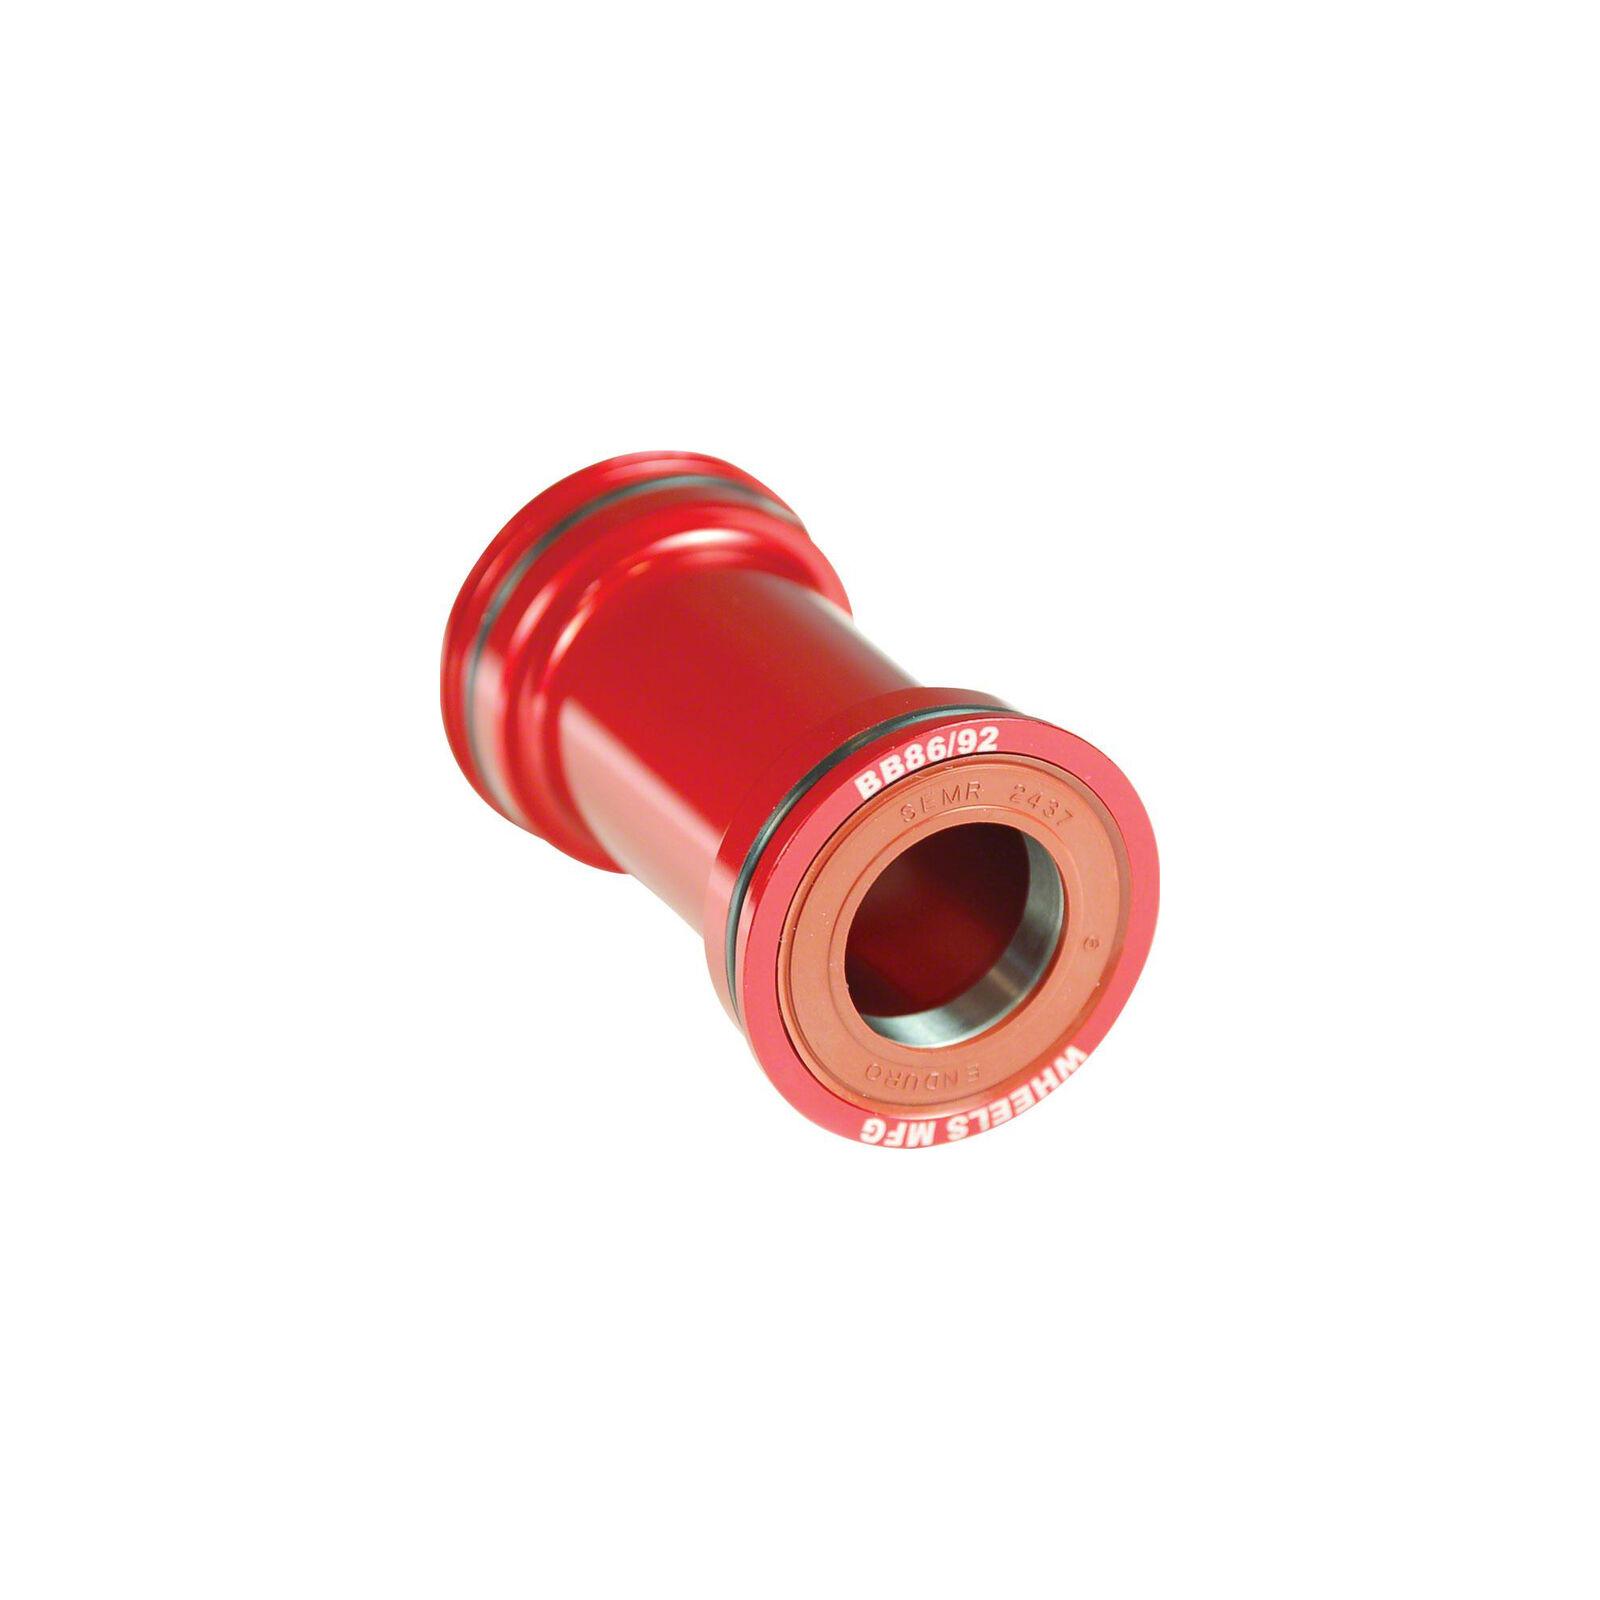 Wheels Manufacturing BB86 92 ACB Soporte Inferior Rojo  Sram GXP  directo de fábrica